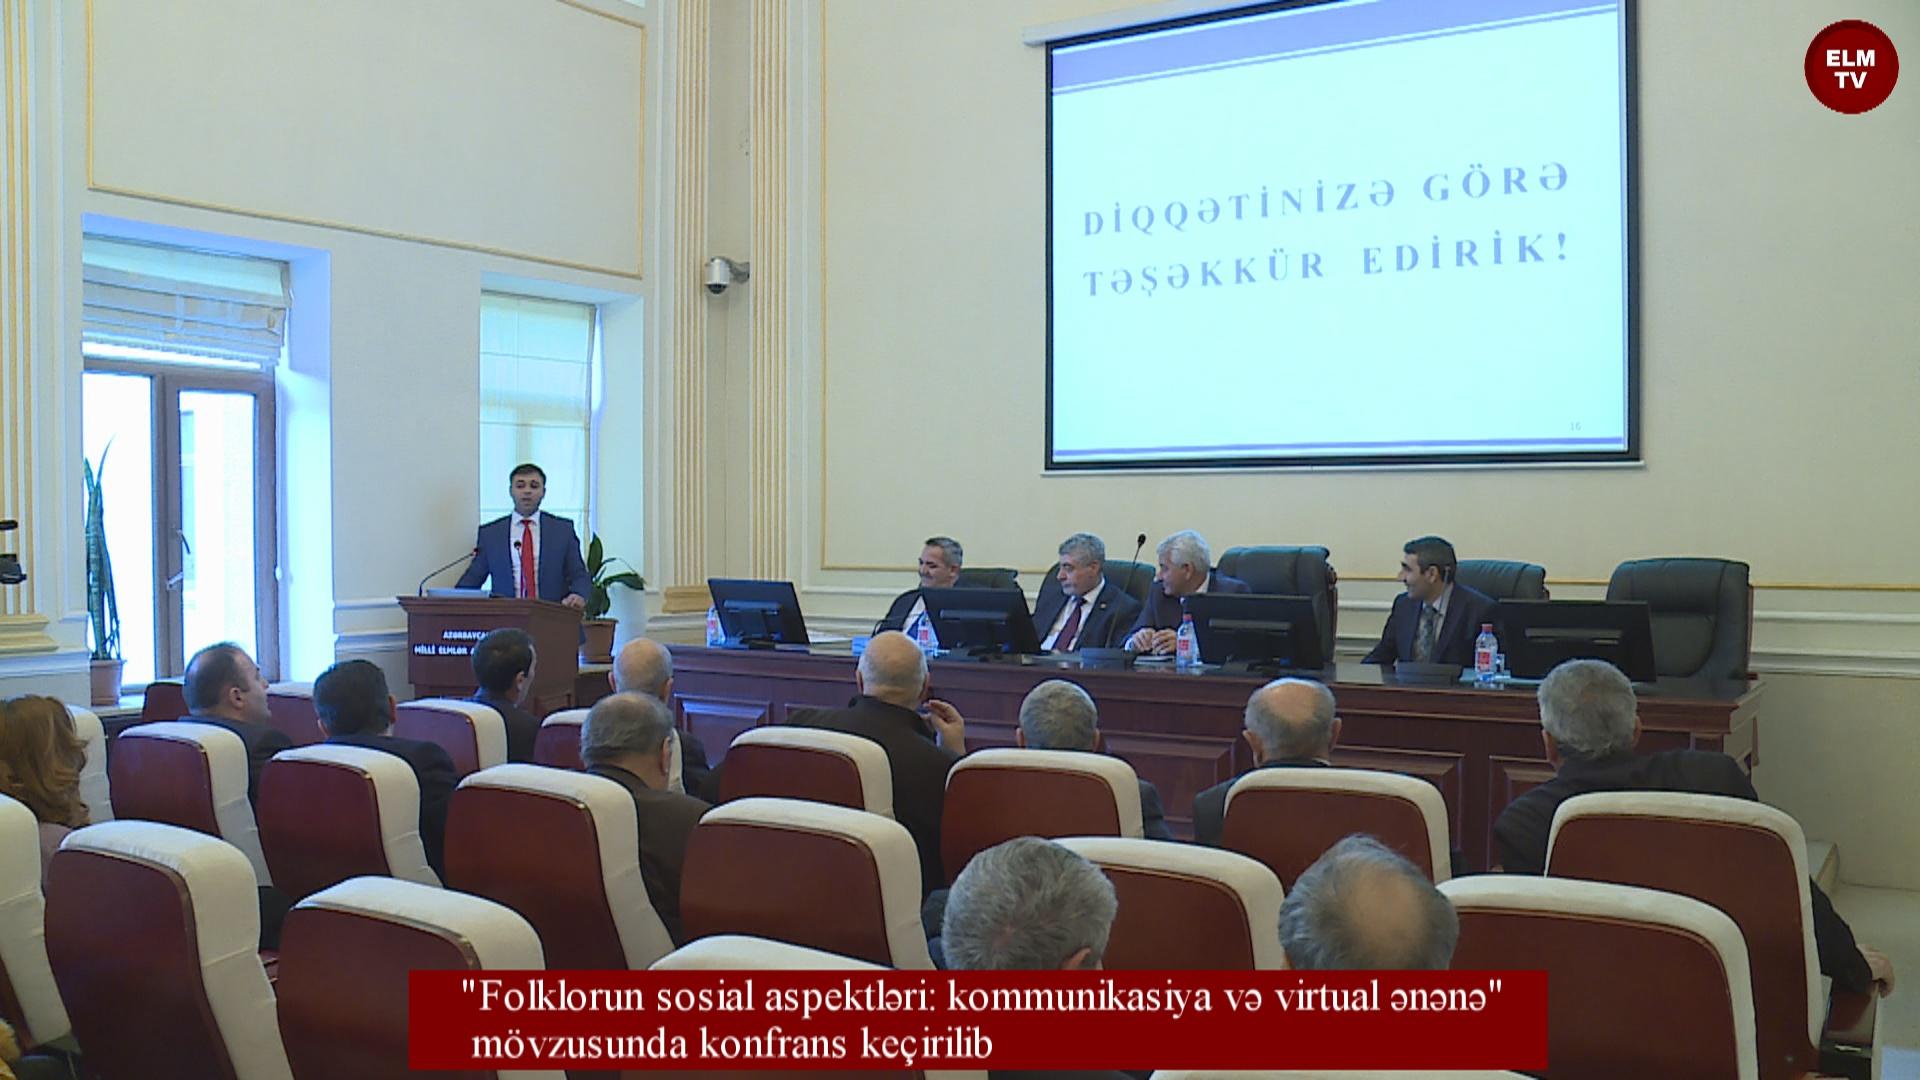 """""""Folklorun sosial aspektləri: kommunikasiya və virtual ənənə""""  mövzusunda konfrans keçirilib"""